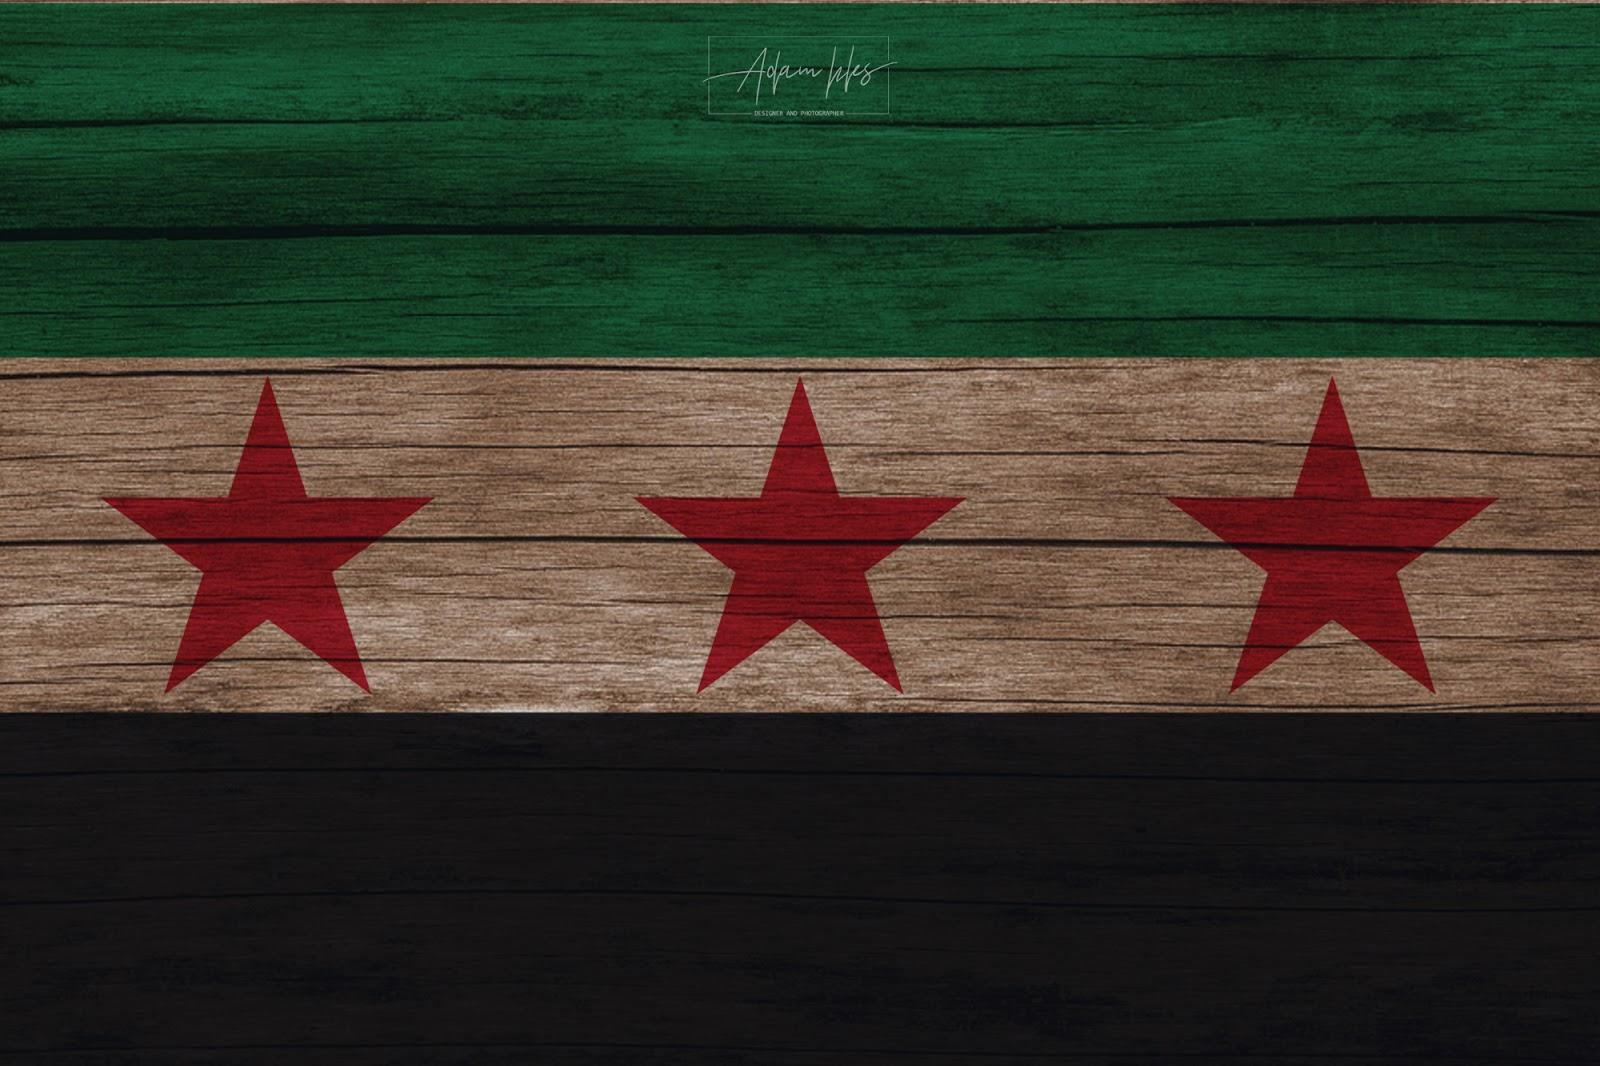 علم سوريا الحر